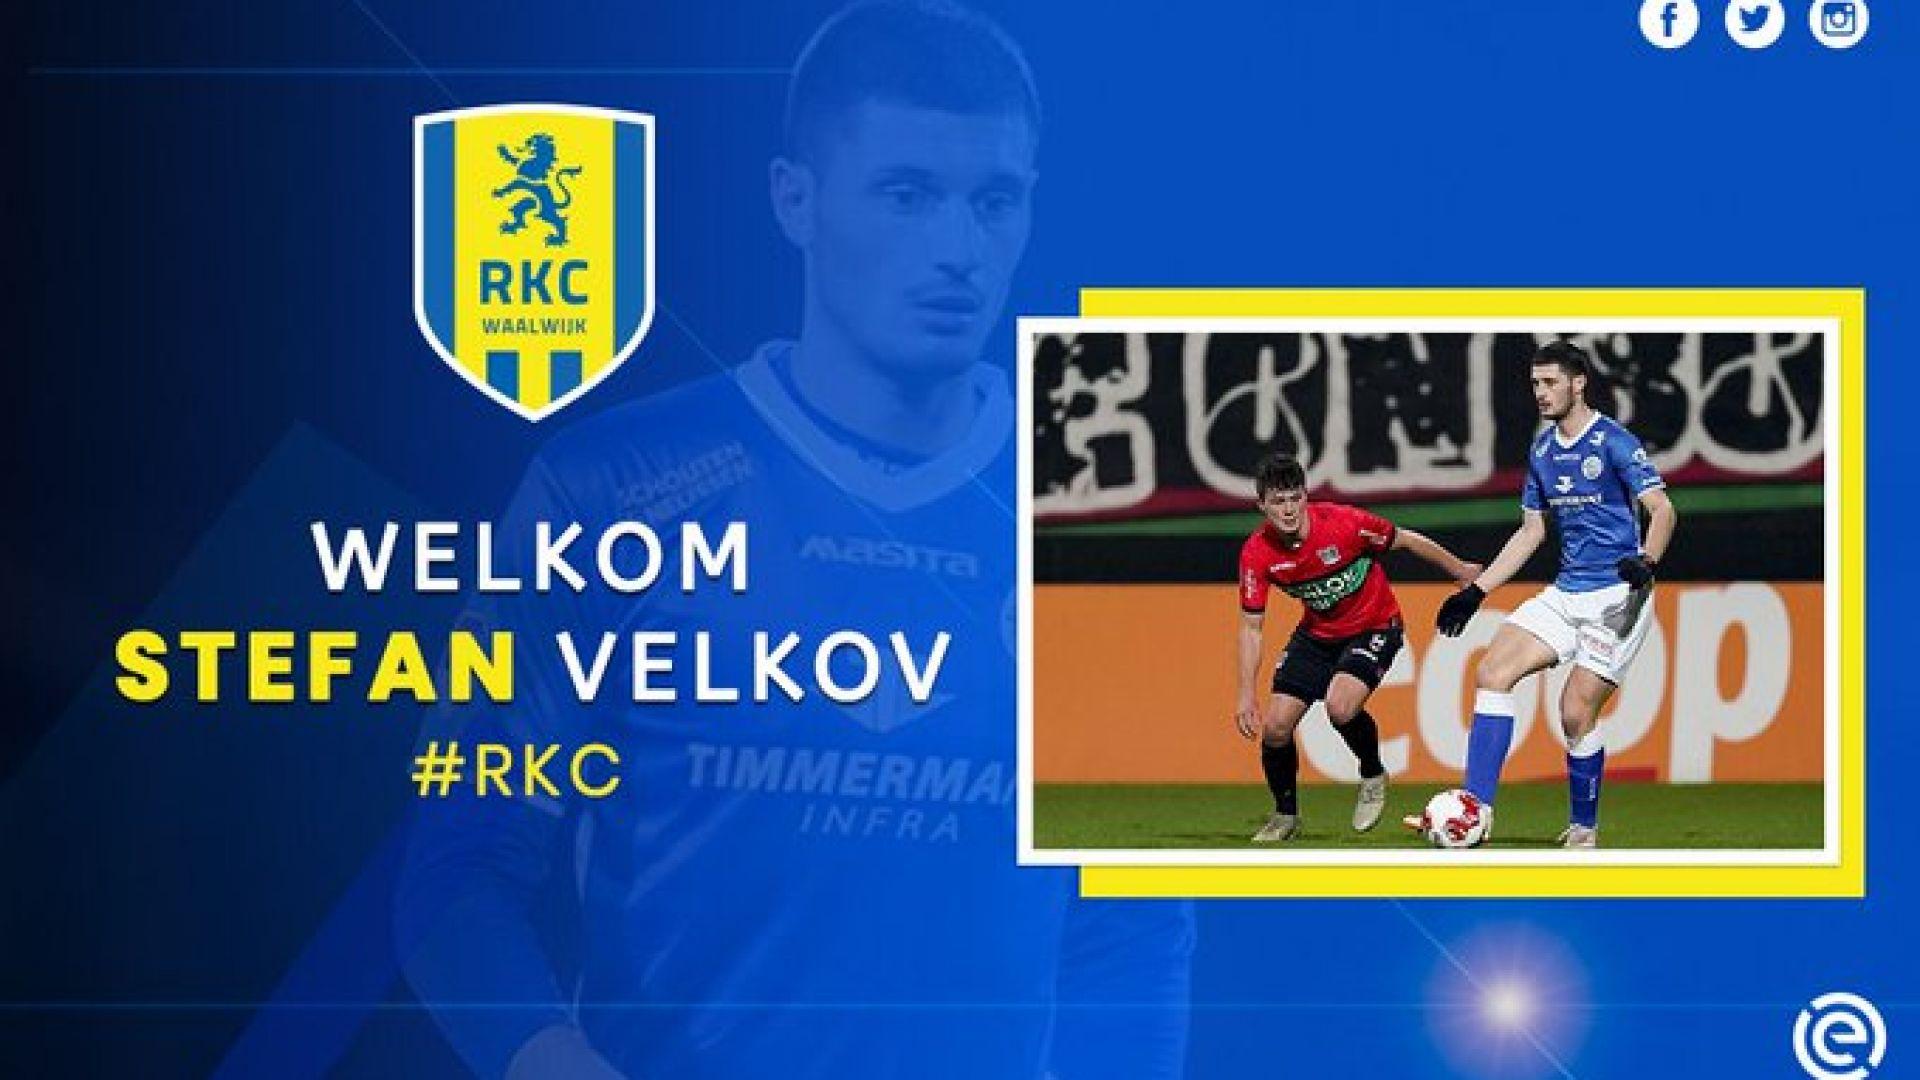 Стефан Велков вече е част от елита на Нидерландия